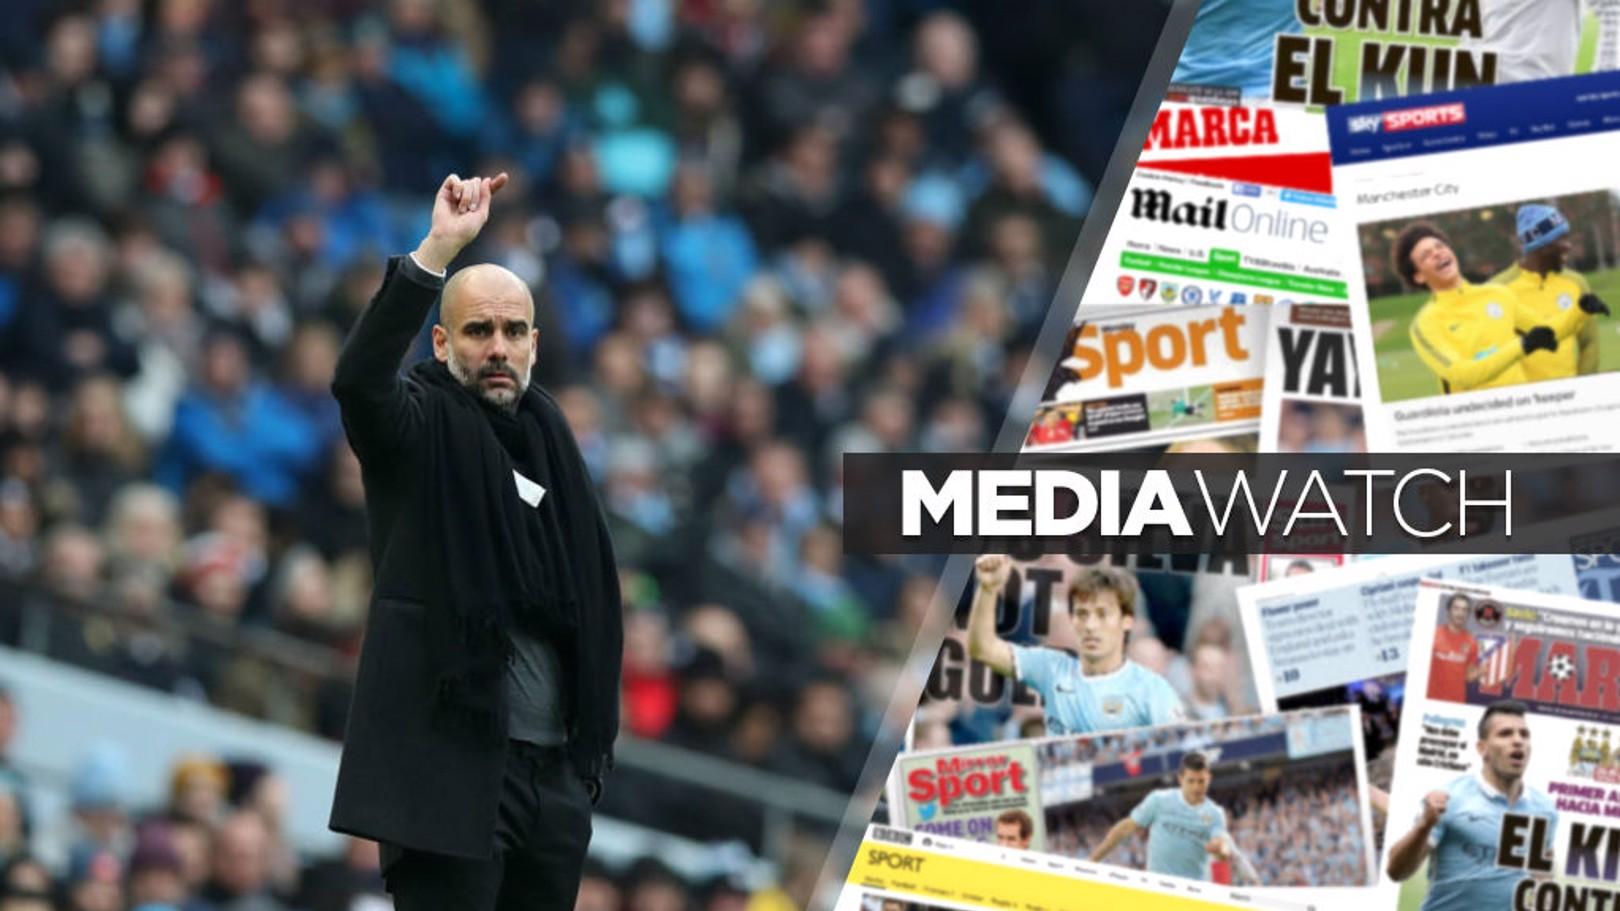 الصحف ركزت على الصفقات المتوقعة لمانشستر سيتي في سوق الانتقالات الصيفية.